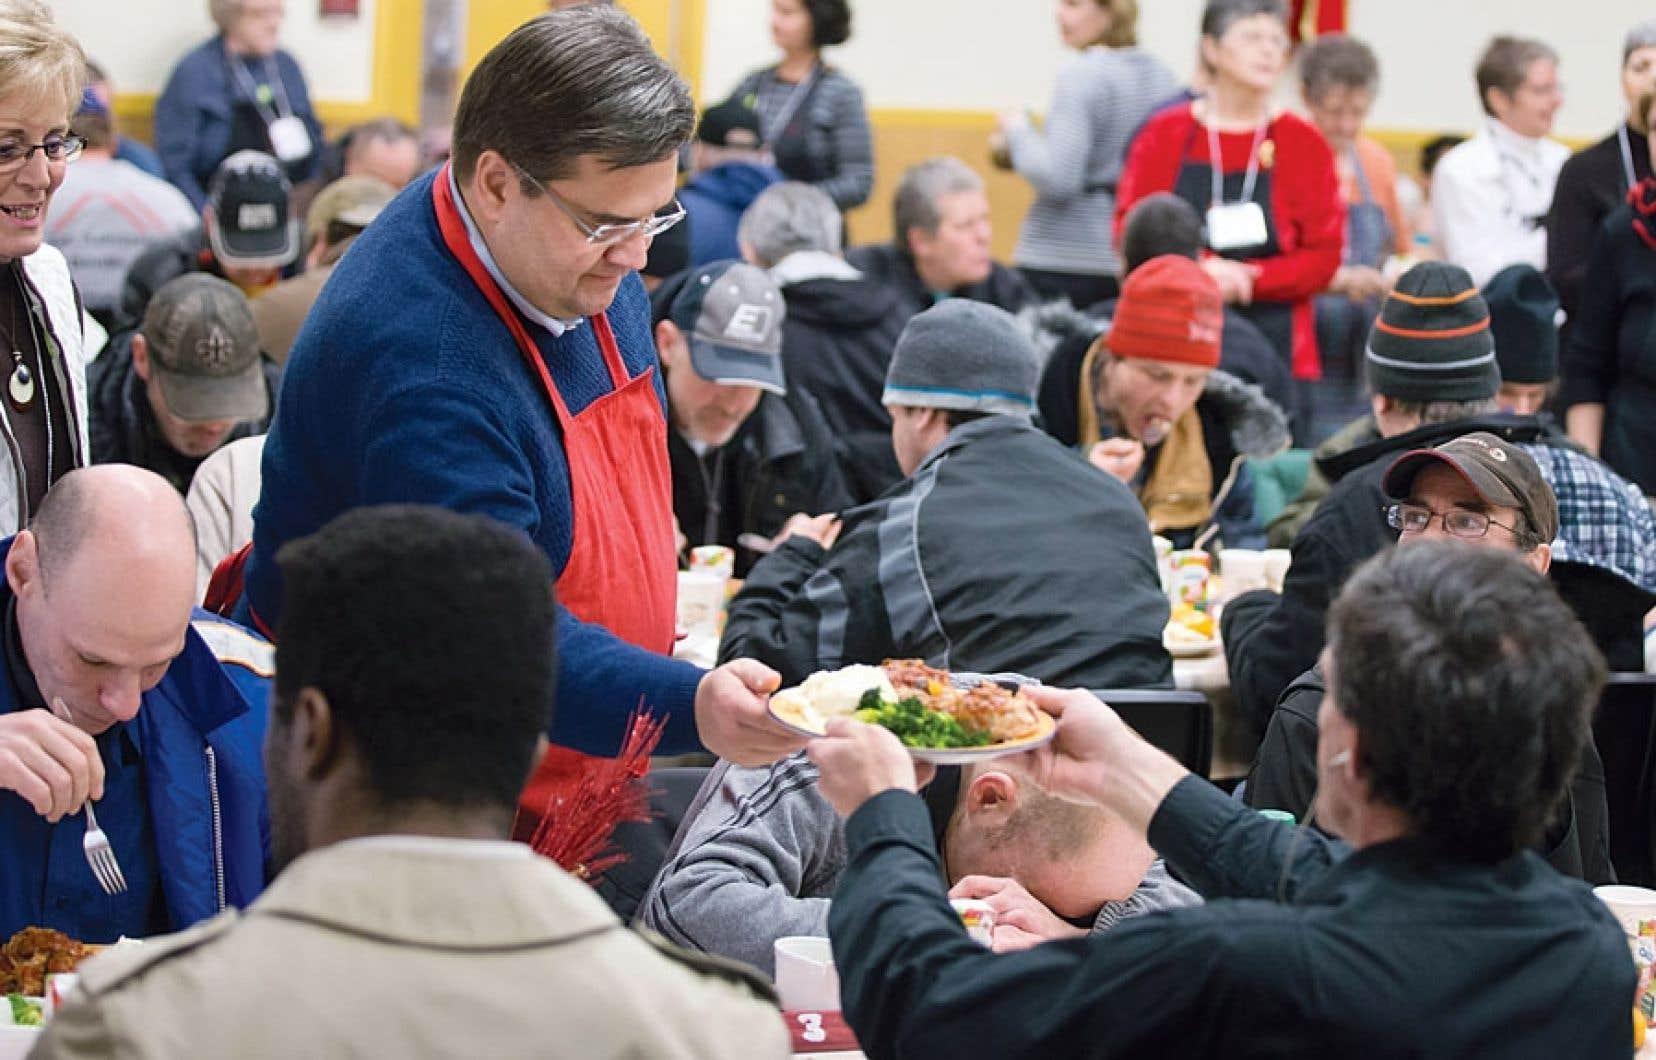 Les engagements du maire Coderre en matière d'itinérance ont été faits en marge du dîner des Rois de l'Accueil Bonneau, où quelque 550 repas chauds ont été servis à des sans-abri, dimanche en mi-journée.